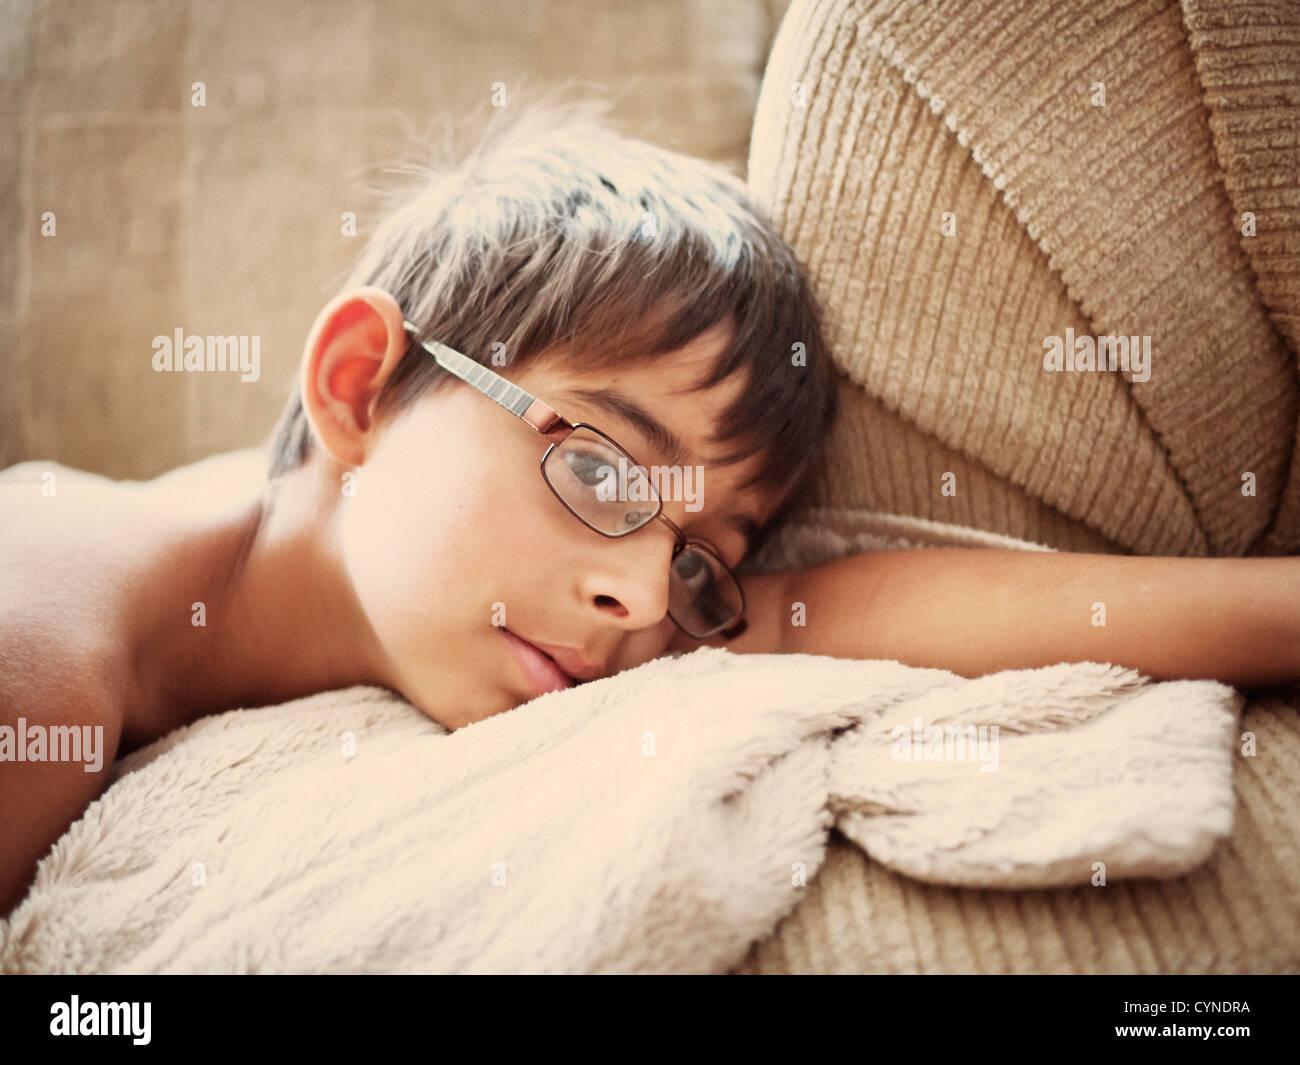 Junge auf Sofa liegt am frühen Morgen. Stockbild